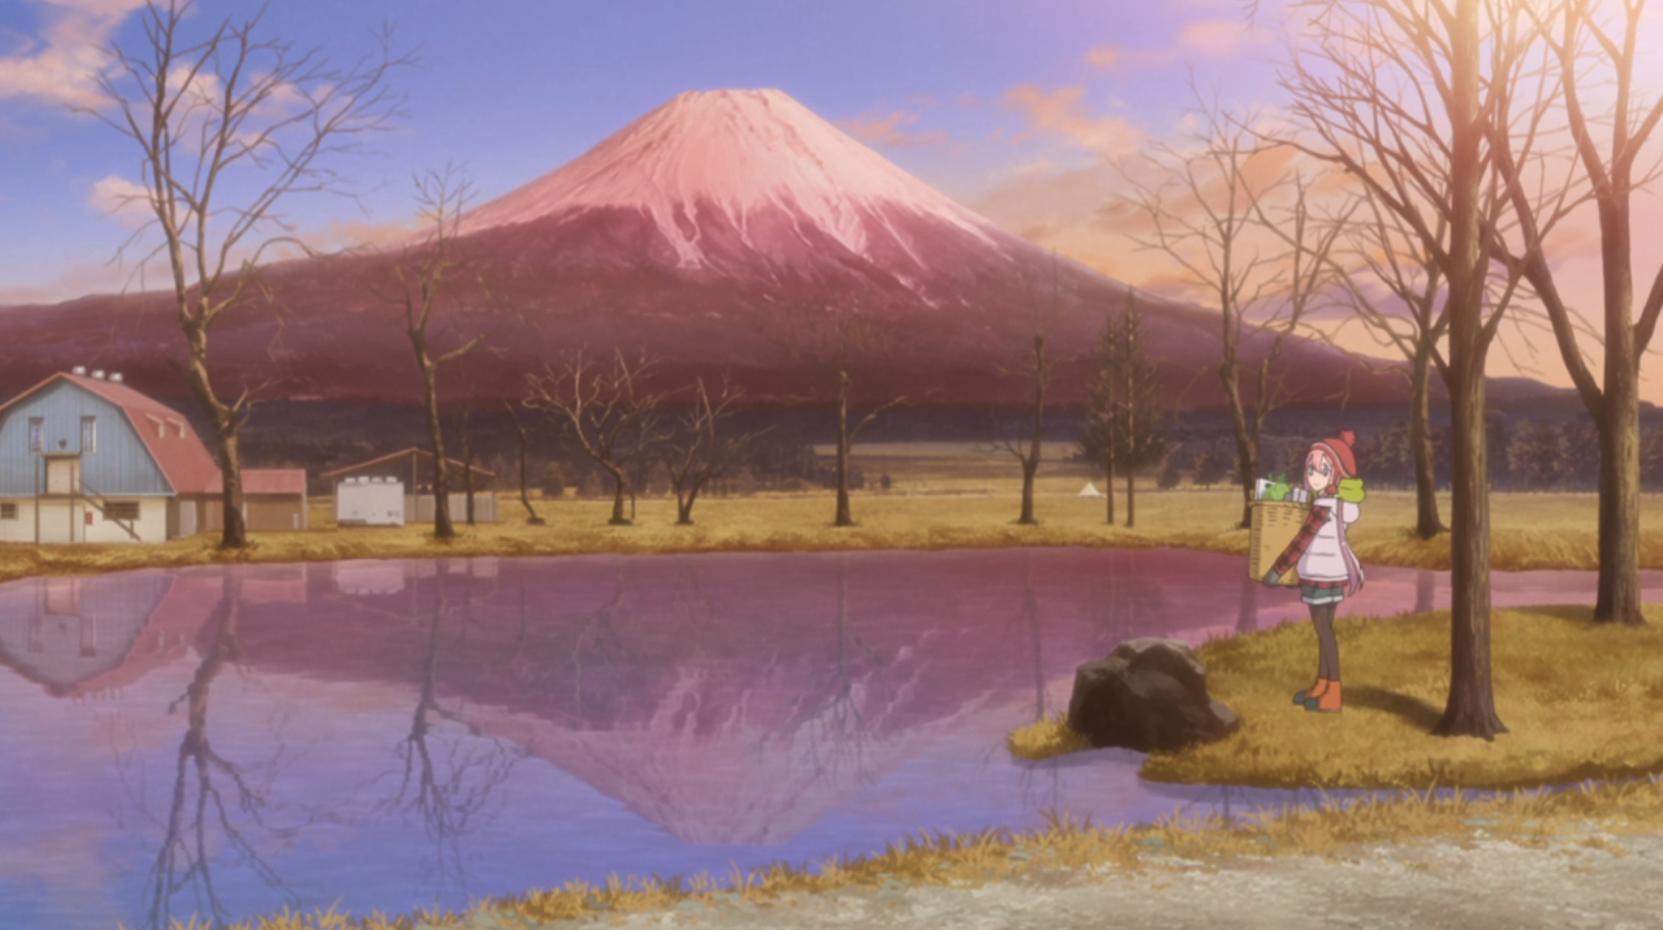 アニメ『ゆるキャン△』3話の富士山のふもとにある麓キャンプ場(ふもとっぱら)